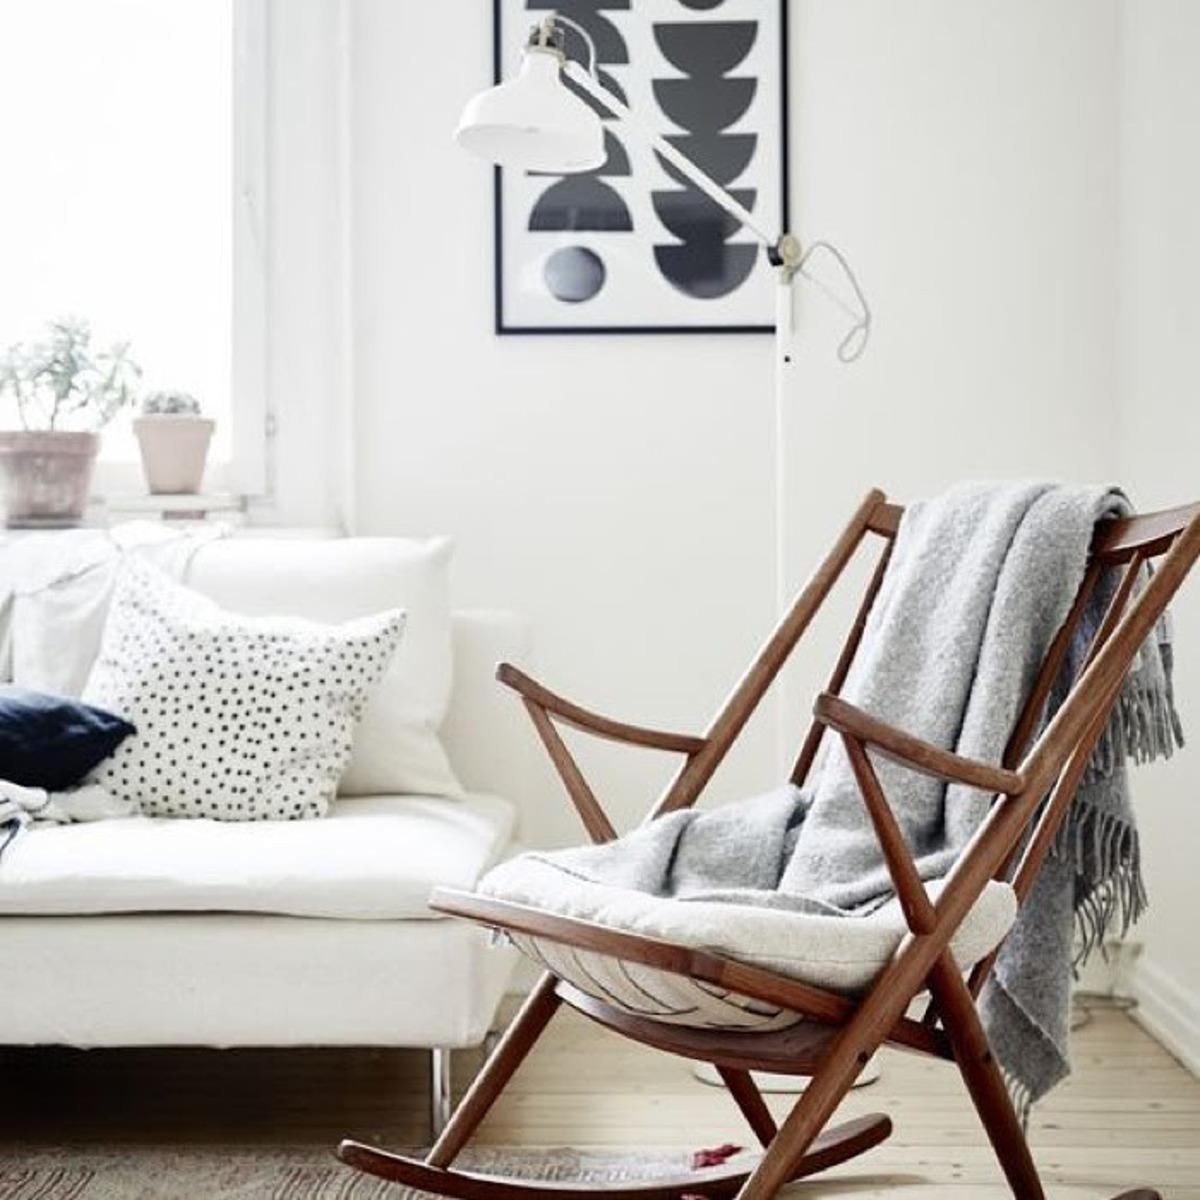 世界中で愛用されている「ゴッドランドシープ」の羊毛を織った膝掛け(ひざかけ)|デンマーク王室御用達のSilkeborg(シルケボー)